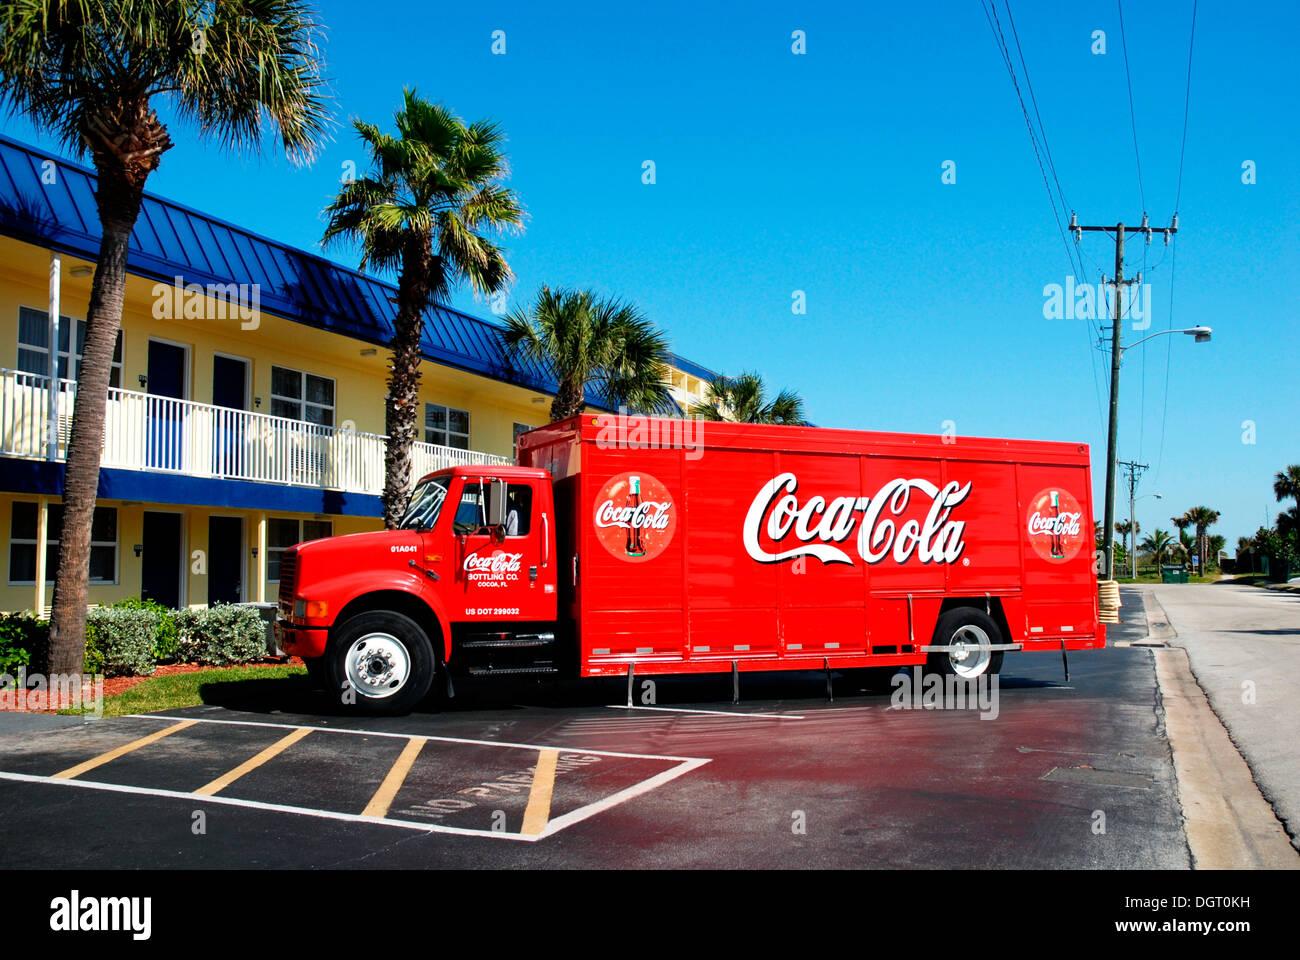 Autos Camiones Fondos De Pantalla Gratis: Dibujo Camion De Coca Cola